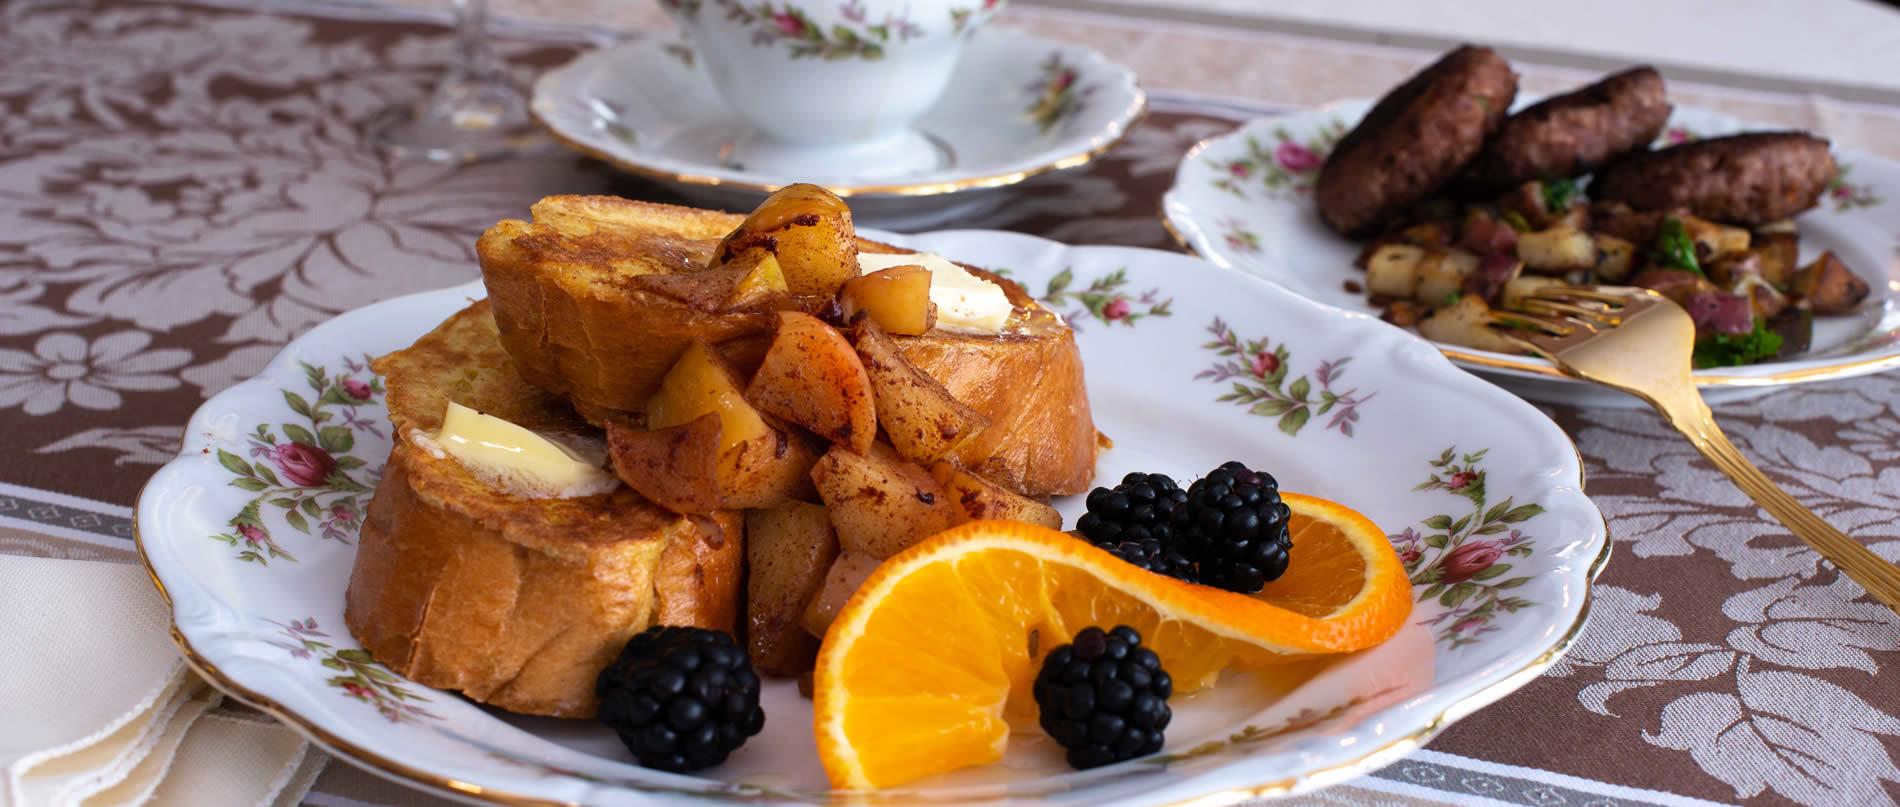 delicious breakfast at Valparaiso Inn